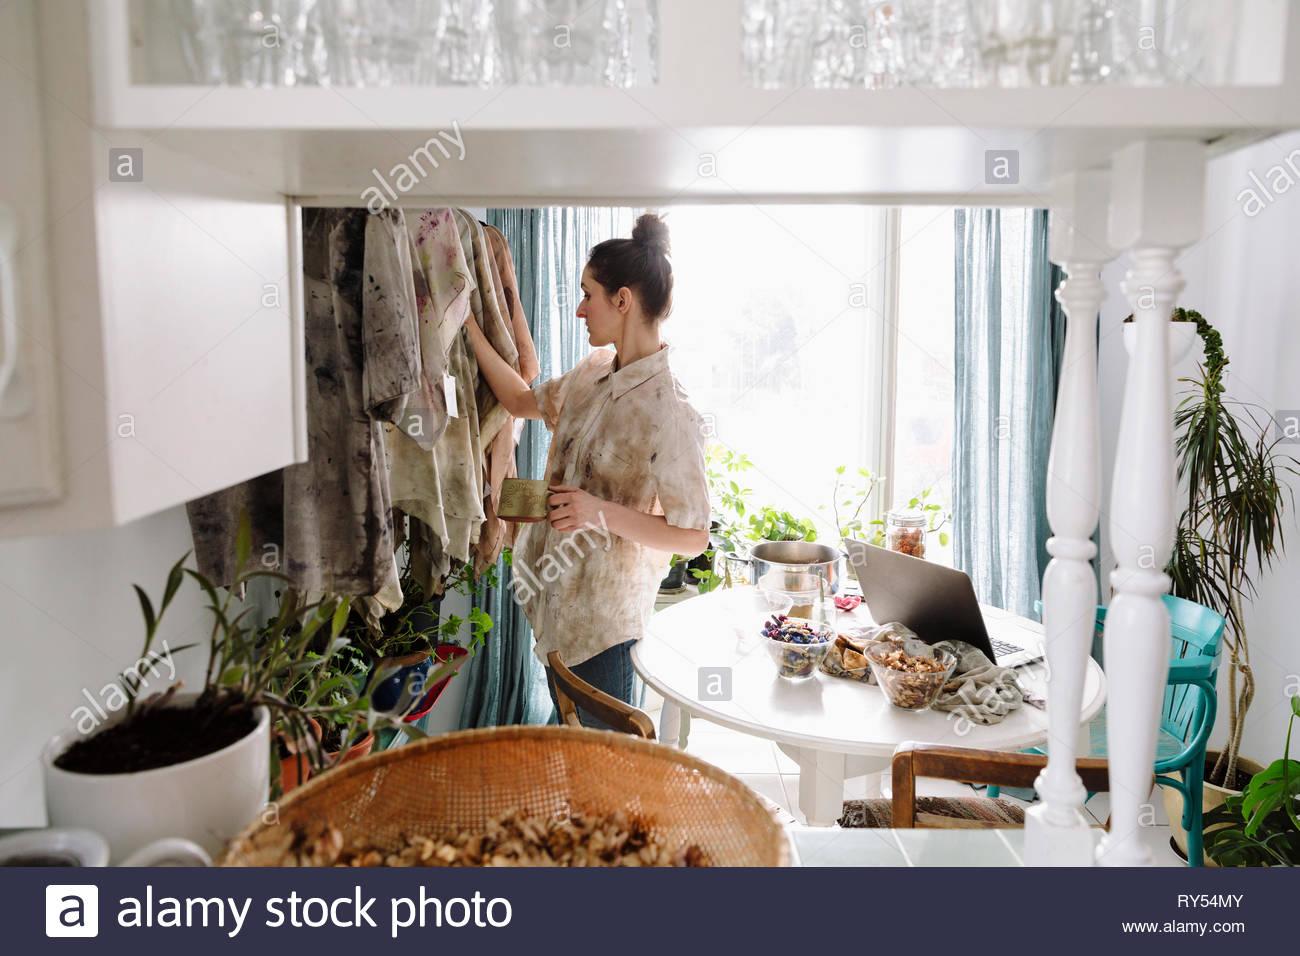 Artista femminile abbigliamento di tintura con fiori secchi Immagini Stock